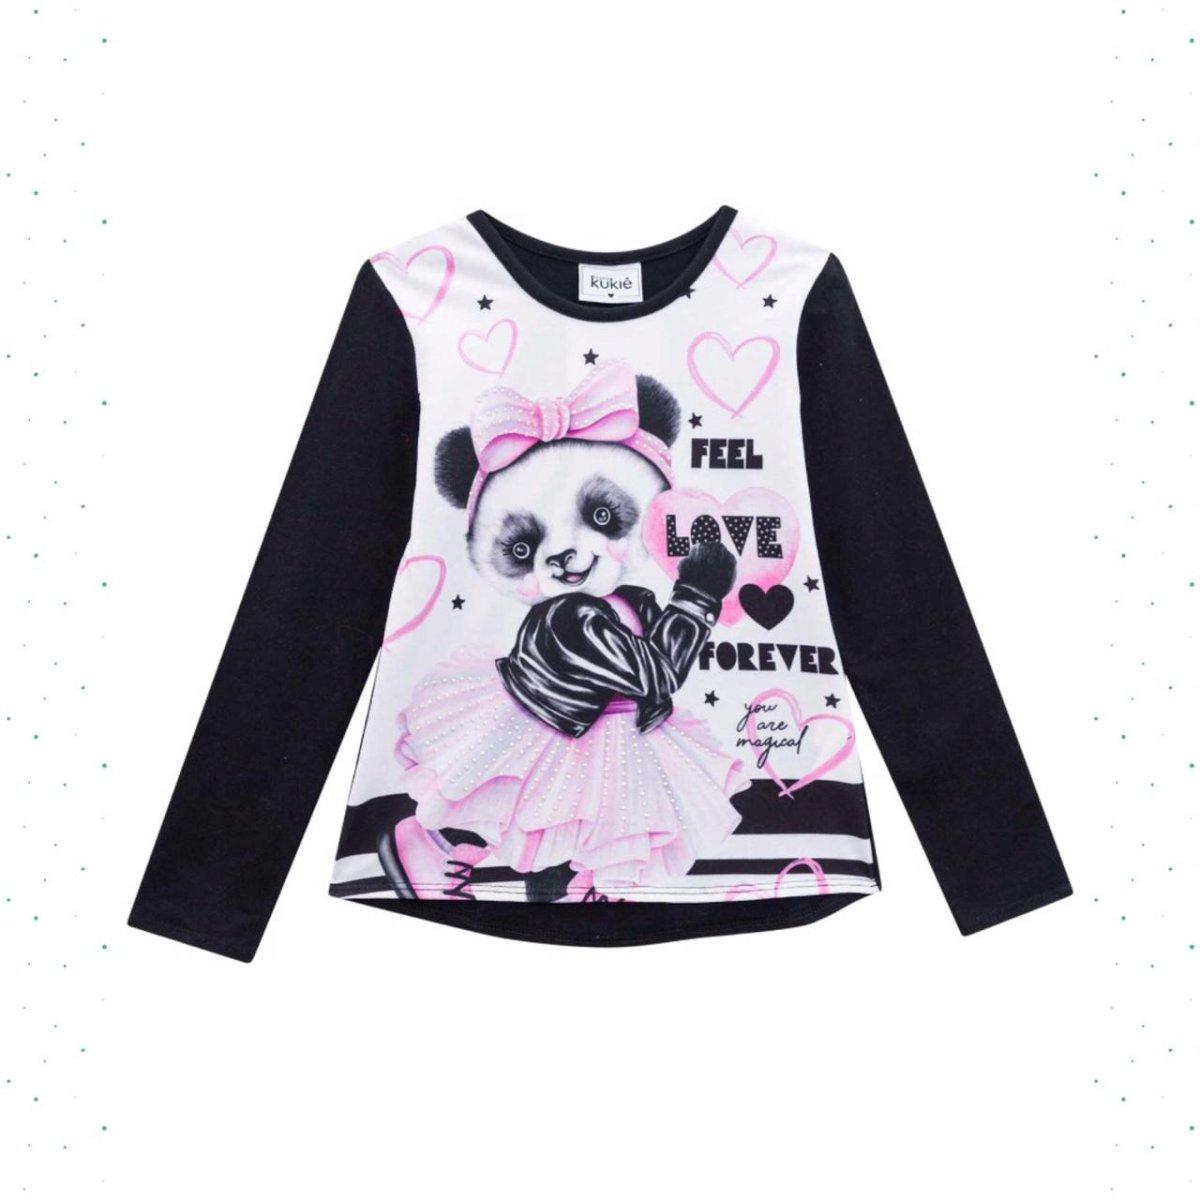 Blusa Menina Kukiê em Cotton Estampa Panda